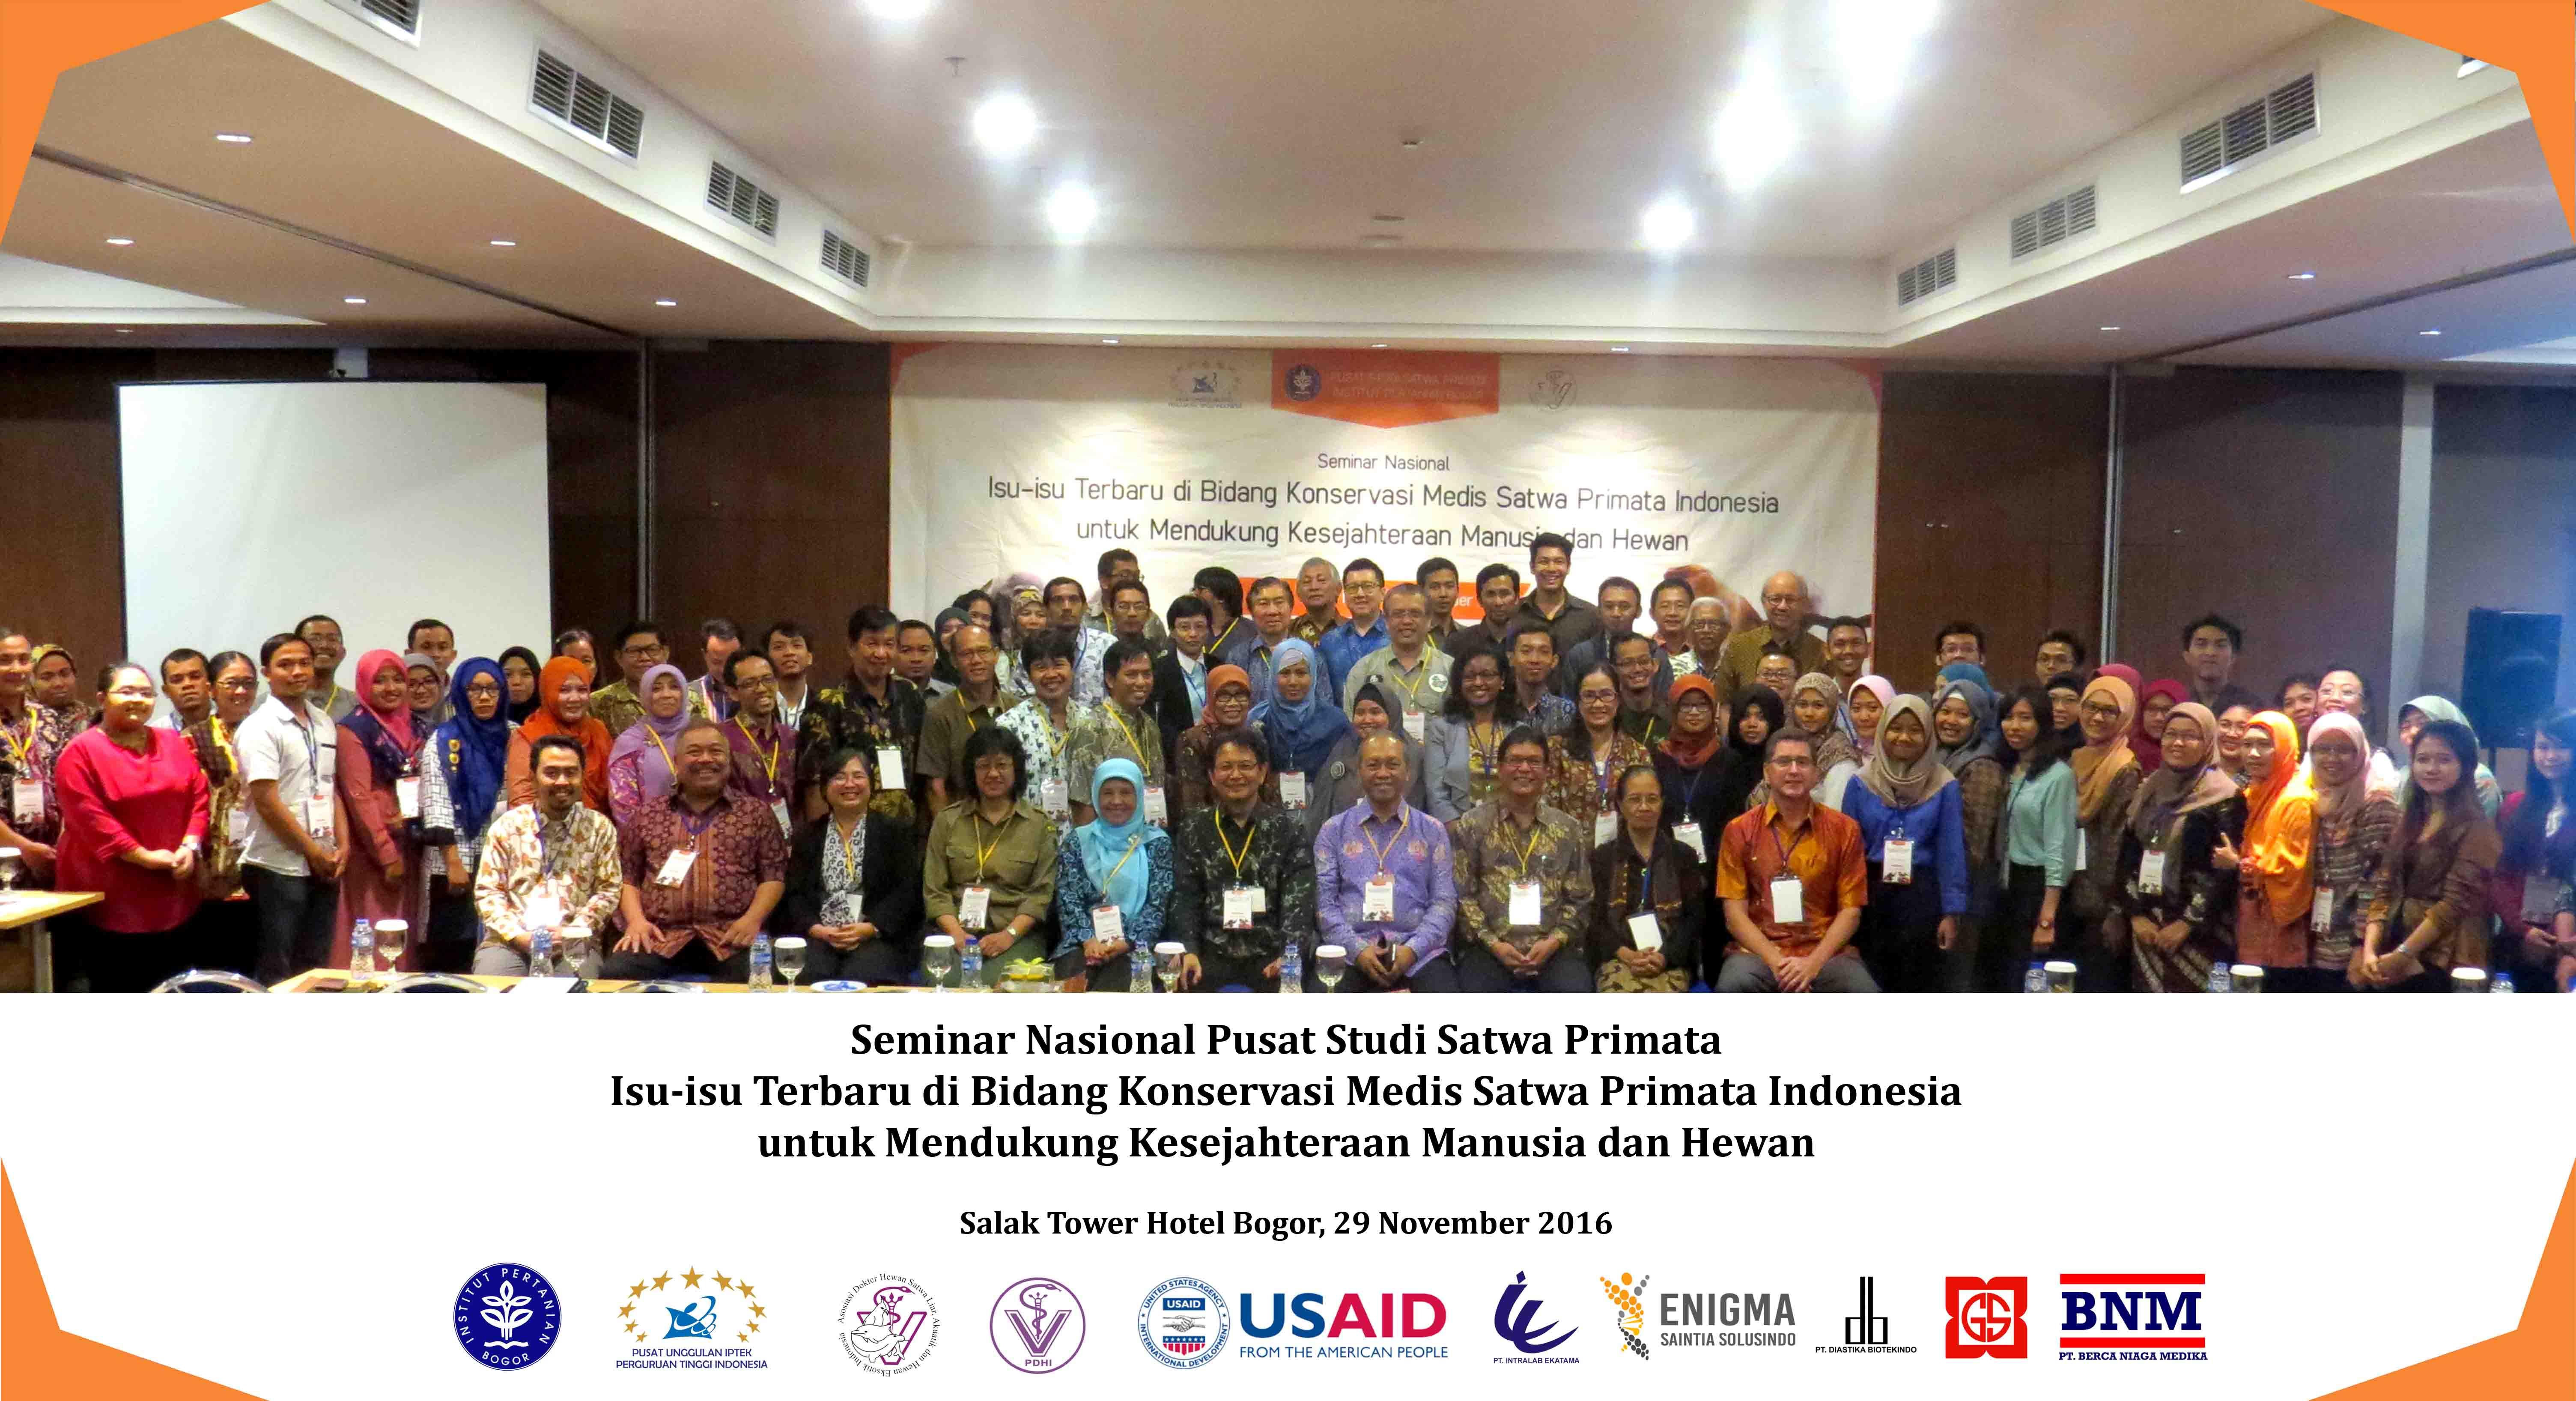 Peserta Seminar Nasional : Isu-isu Terbaru di Bidang Konservasi Medis Satwa Primata Indonesia untuk Mendukung Kesejahteraan Manusia dan Hewan